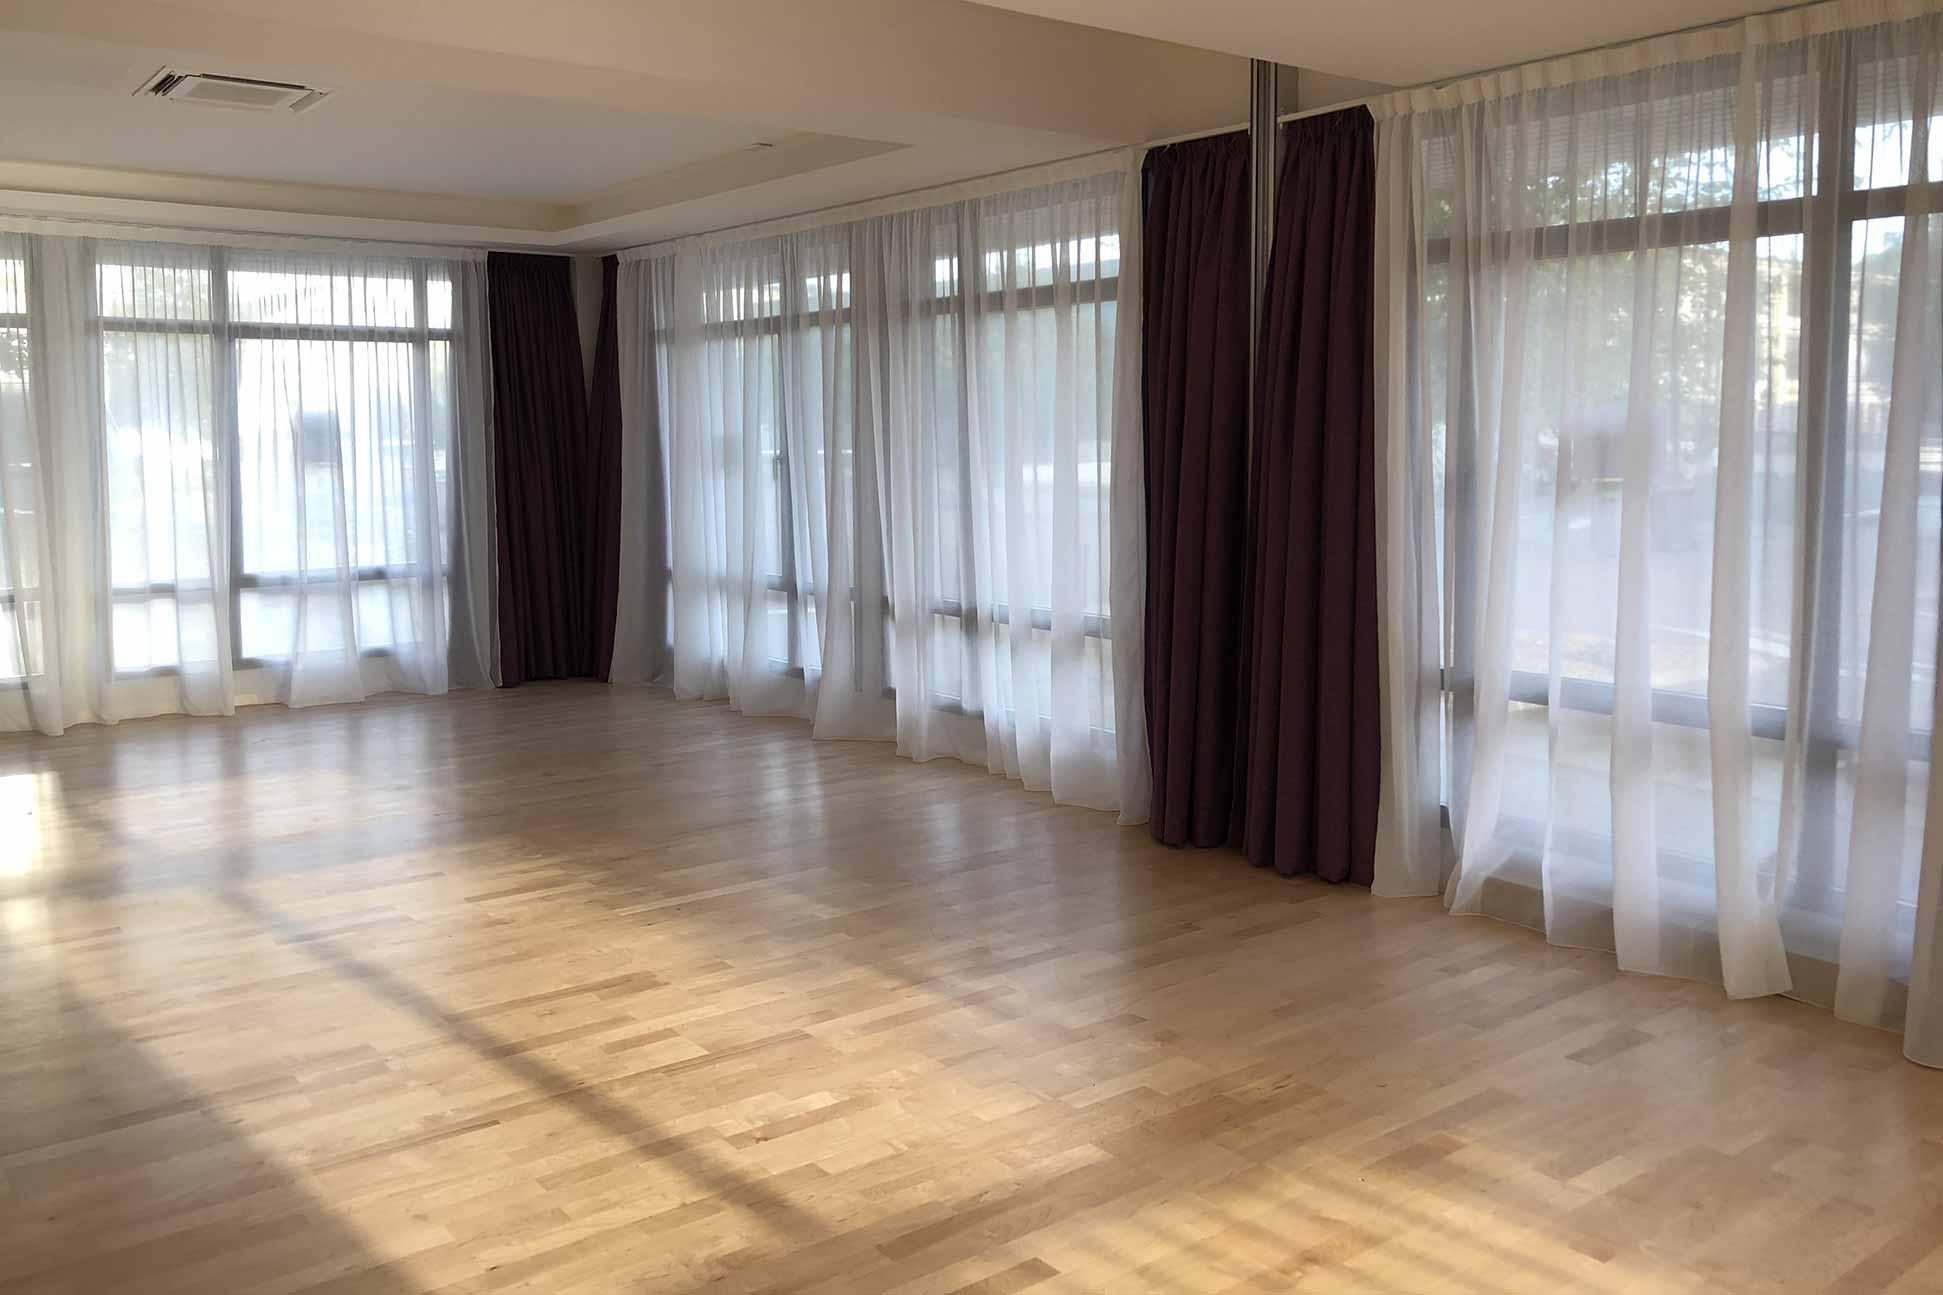 salle-cours wellfuz